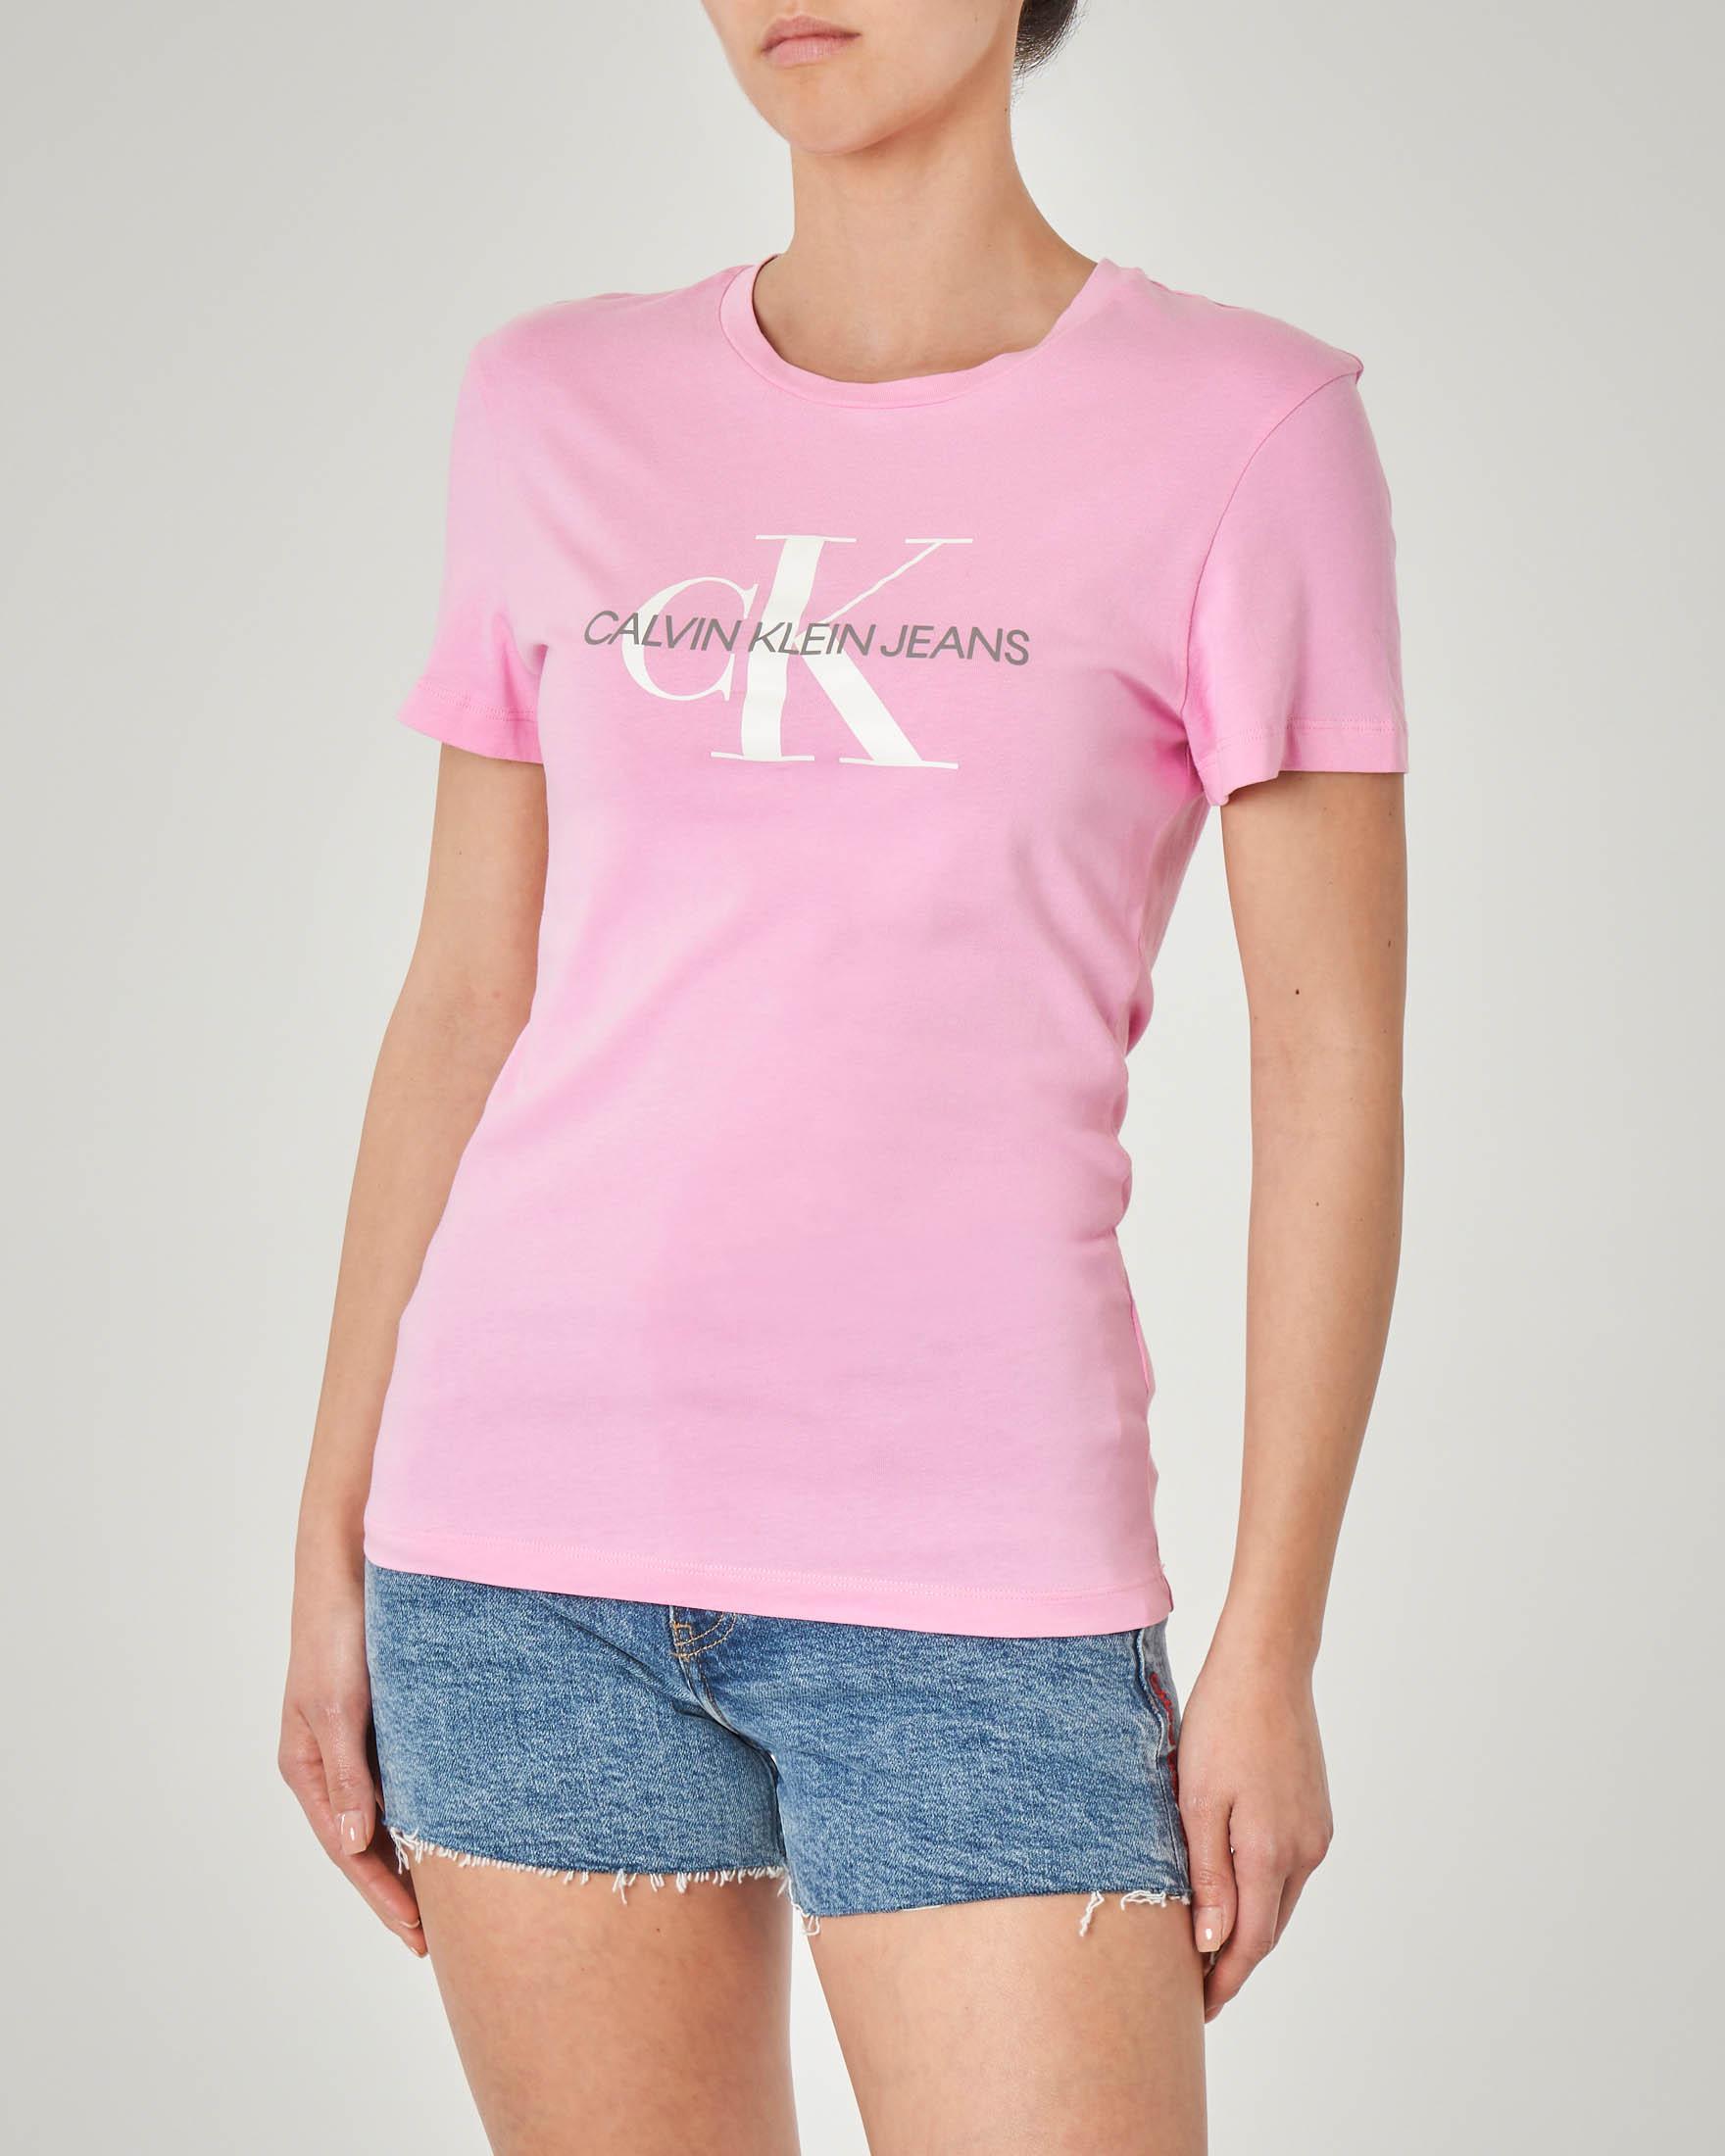 T-shirt in cotone rosa a maniche corte con logo stampato bianco